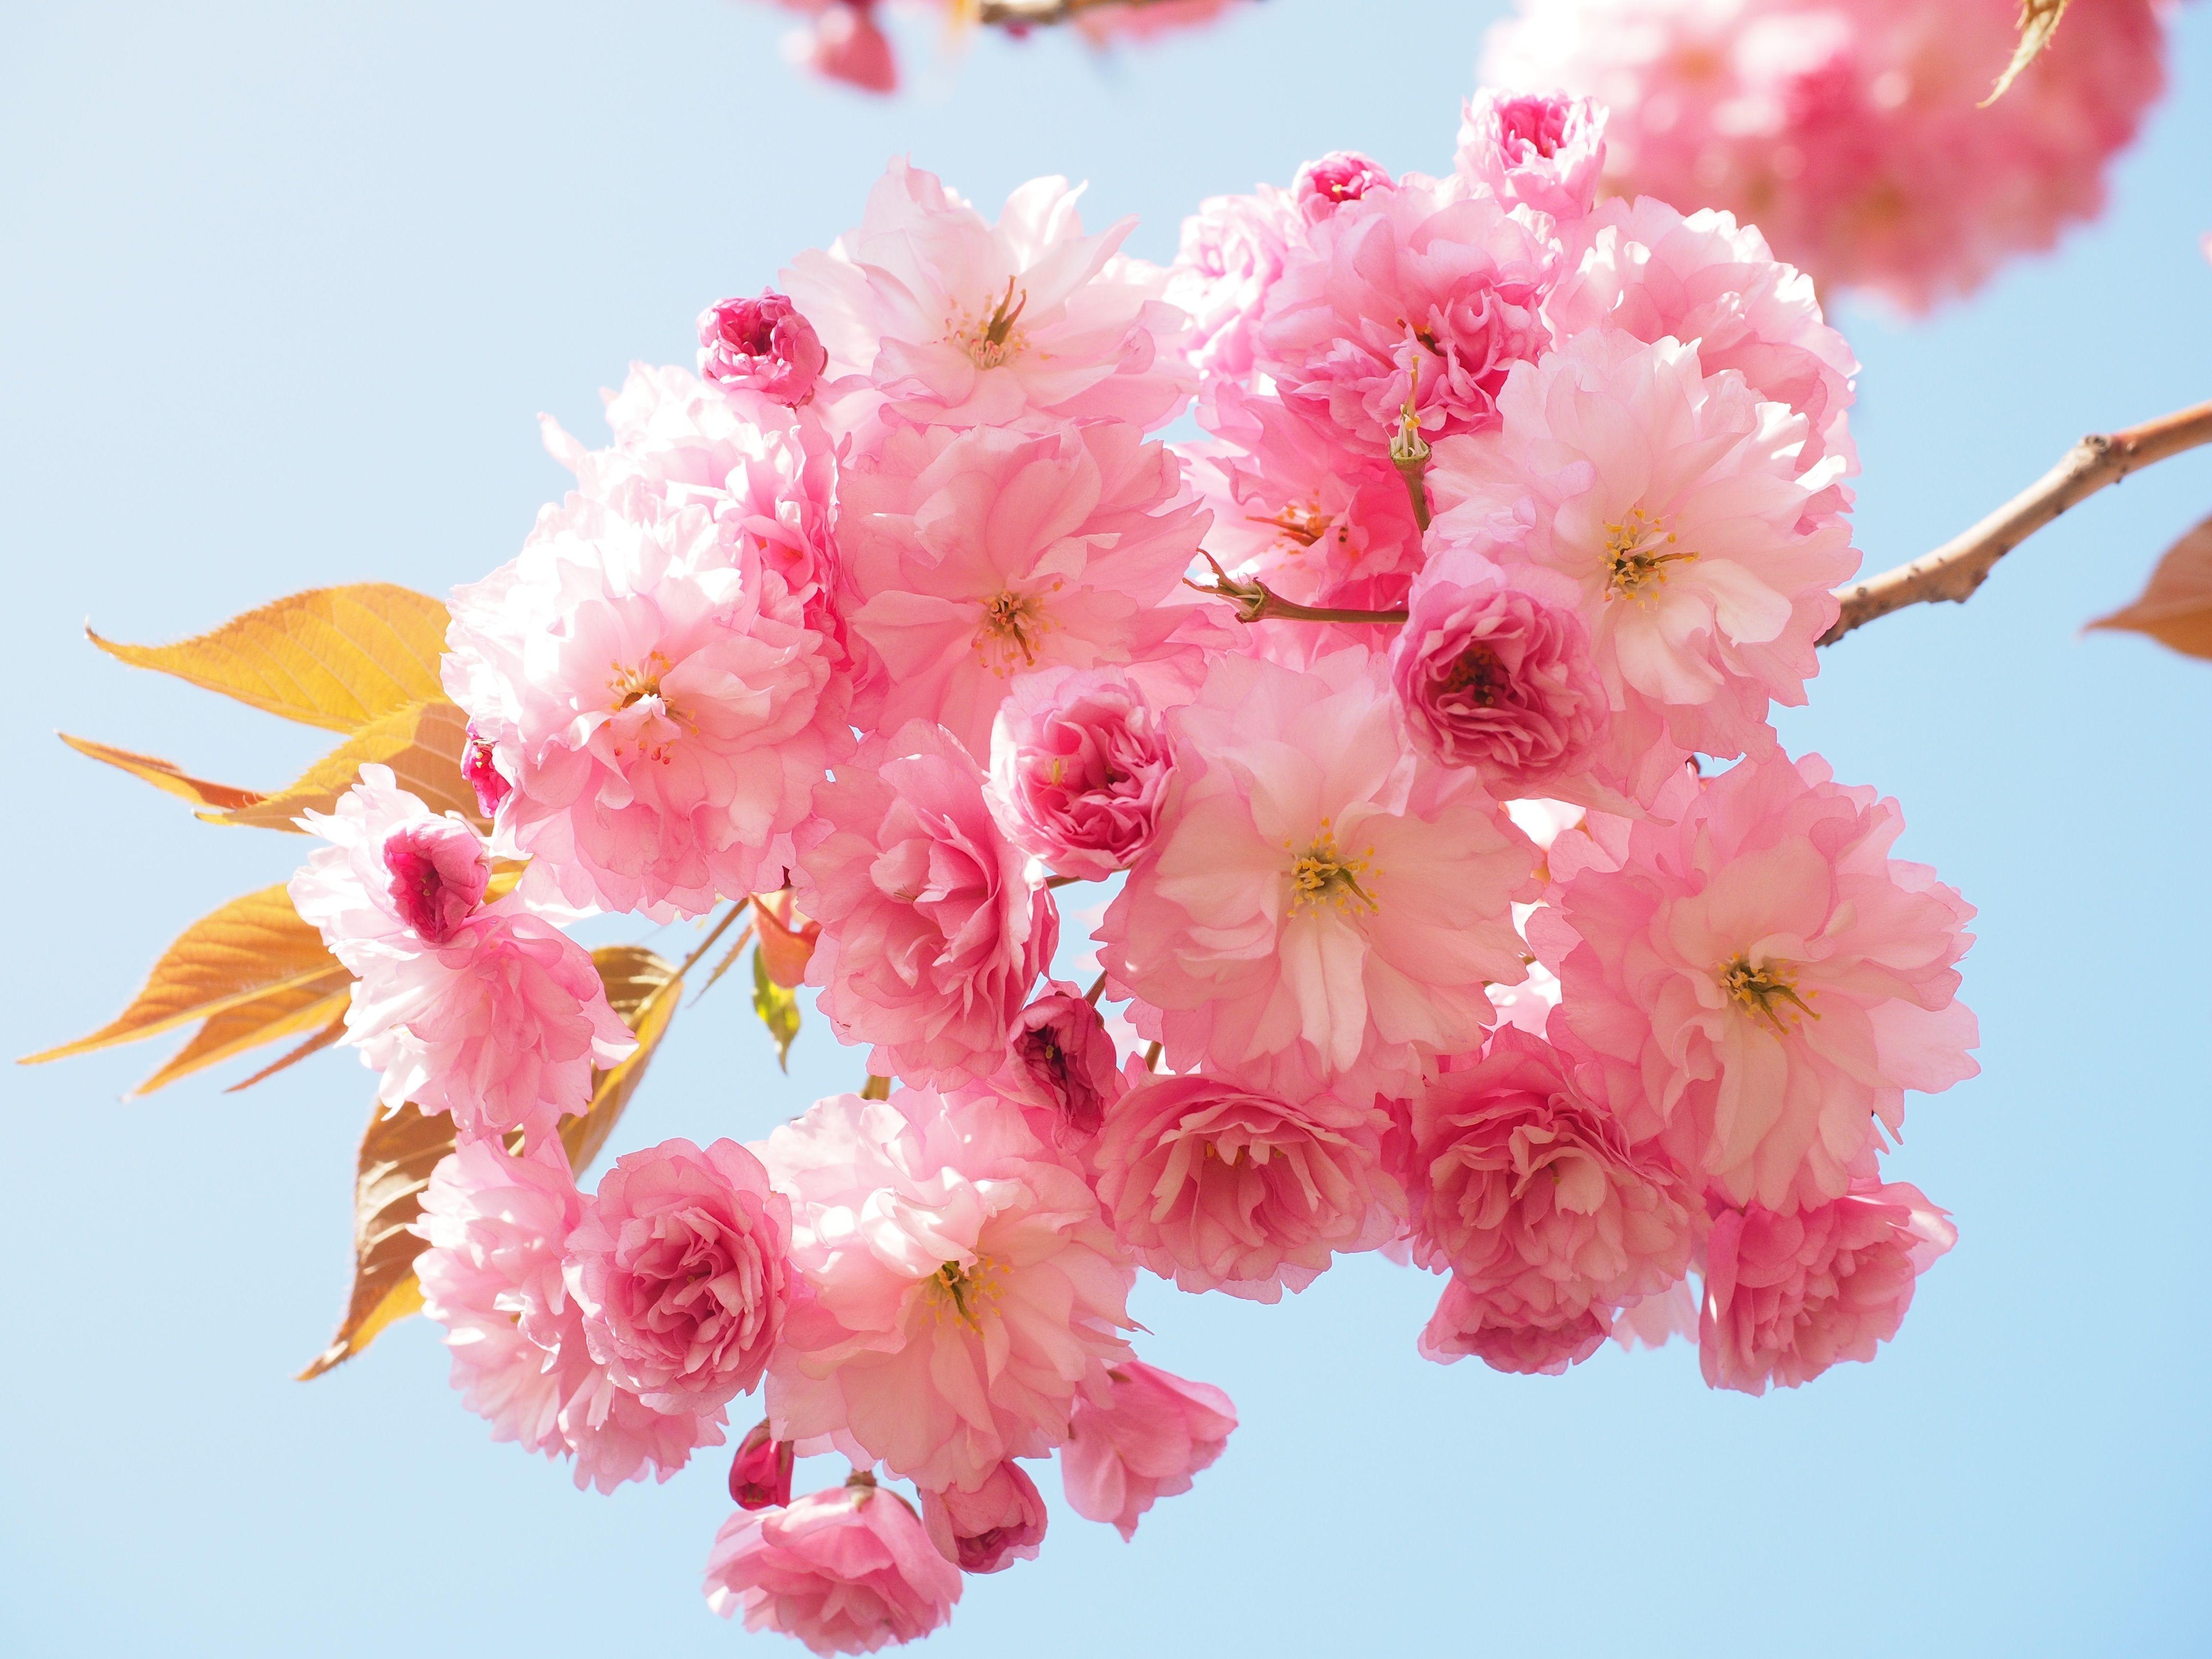 Pin By Your Spring Decor On Korsbarsblommor Japanese Flowers Beautiful Flowers Cherry Blossom Art